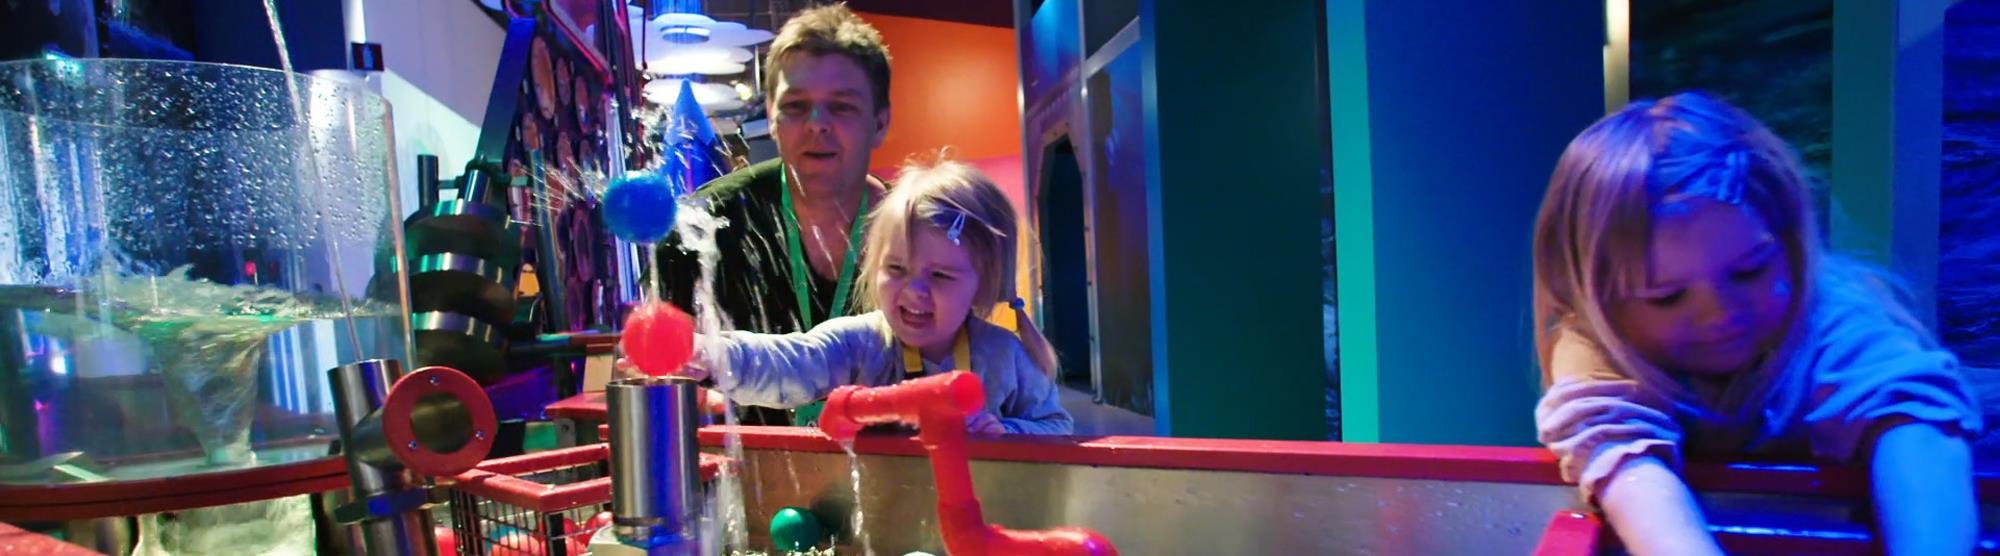 Barnevennlige aktiviteter i Bergen